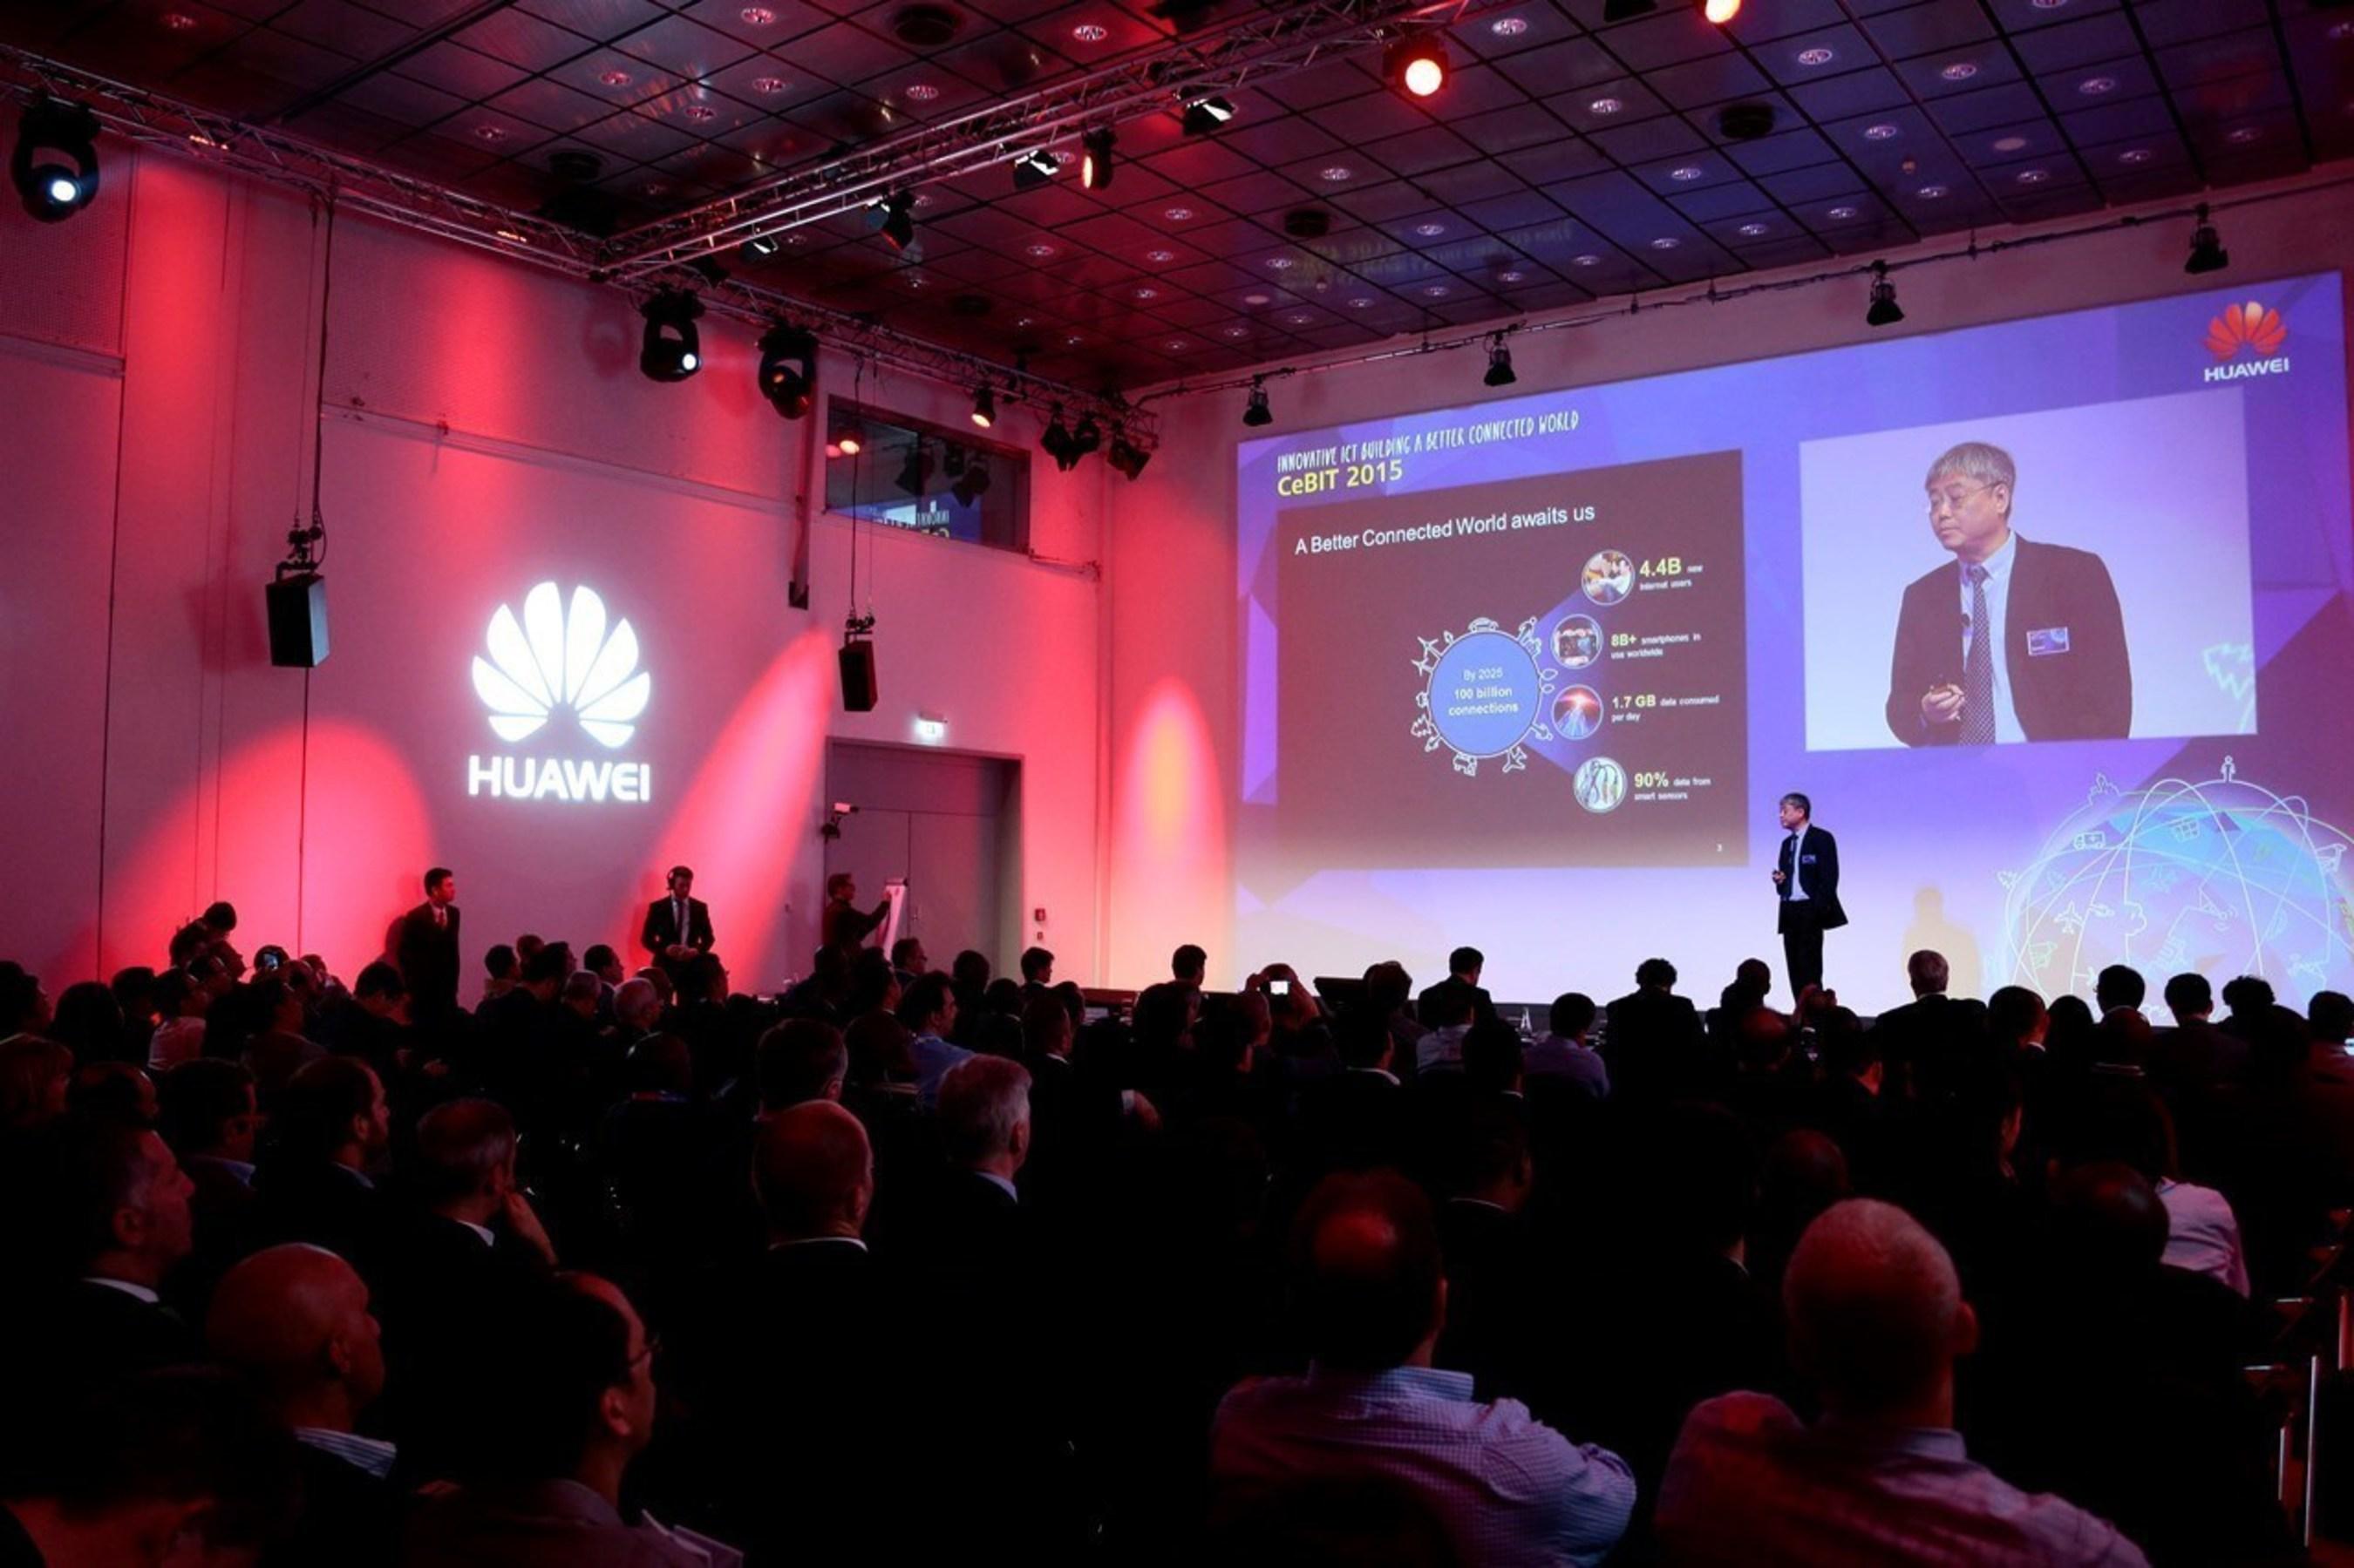 Huawei veranstaltet sein CIO Forum auf der CeBIT 2015: Business-getriebene innovative IKT, Aufbau